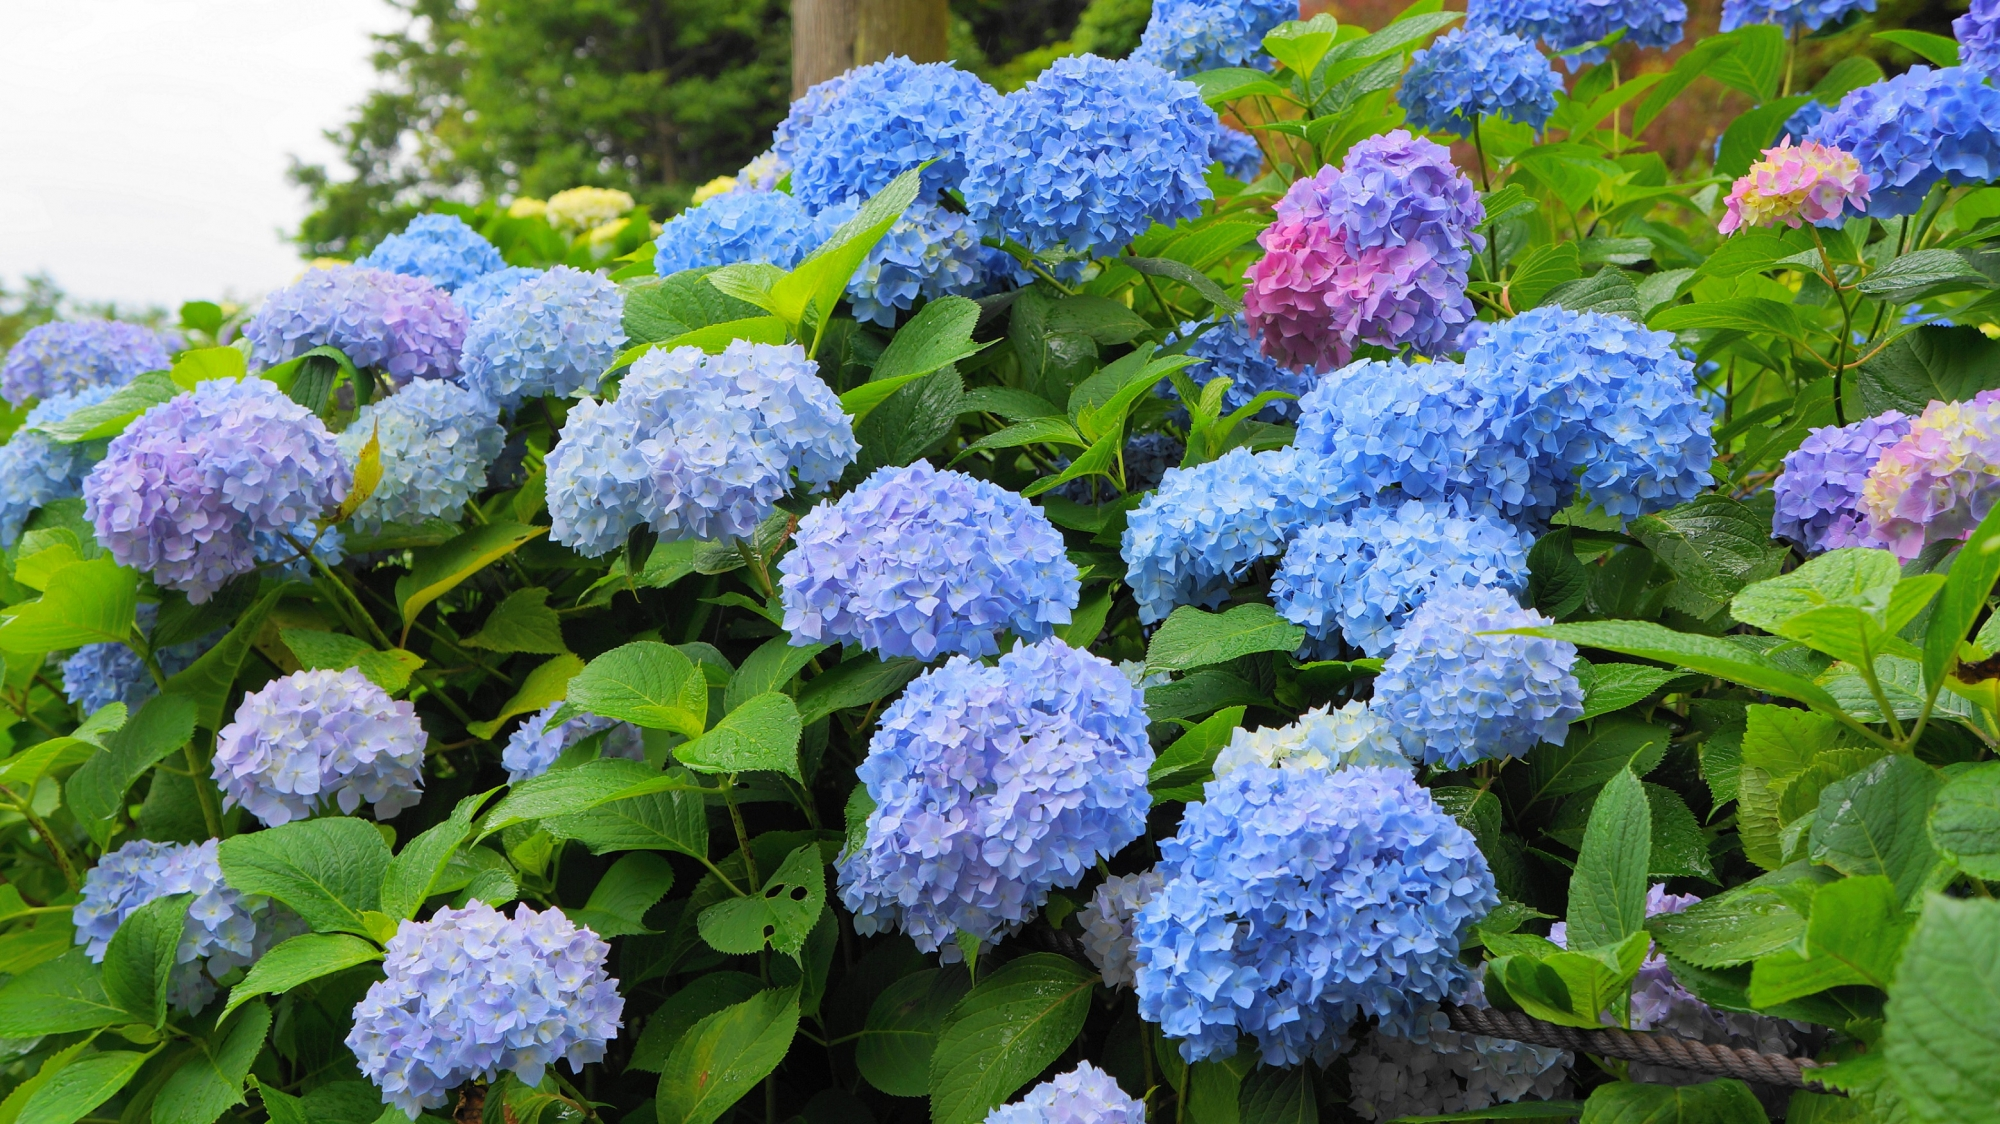 いろんな色のボールが浮かび上がるように咲く三室戸寺のあじさい